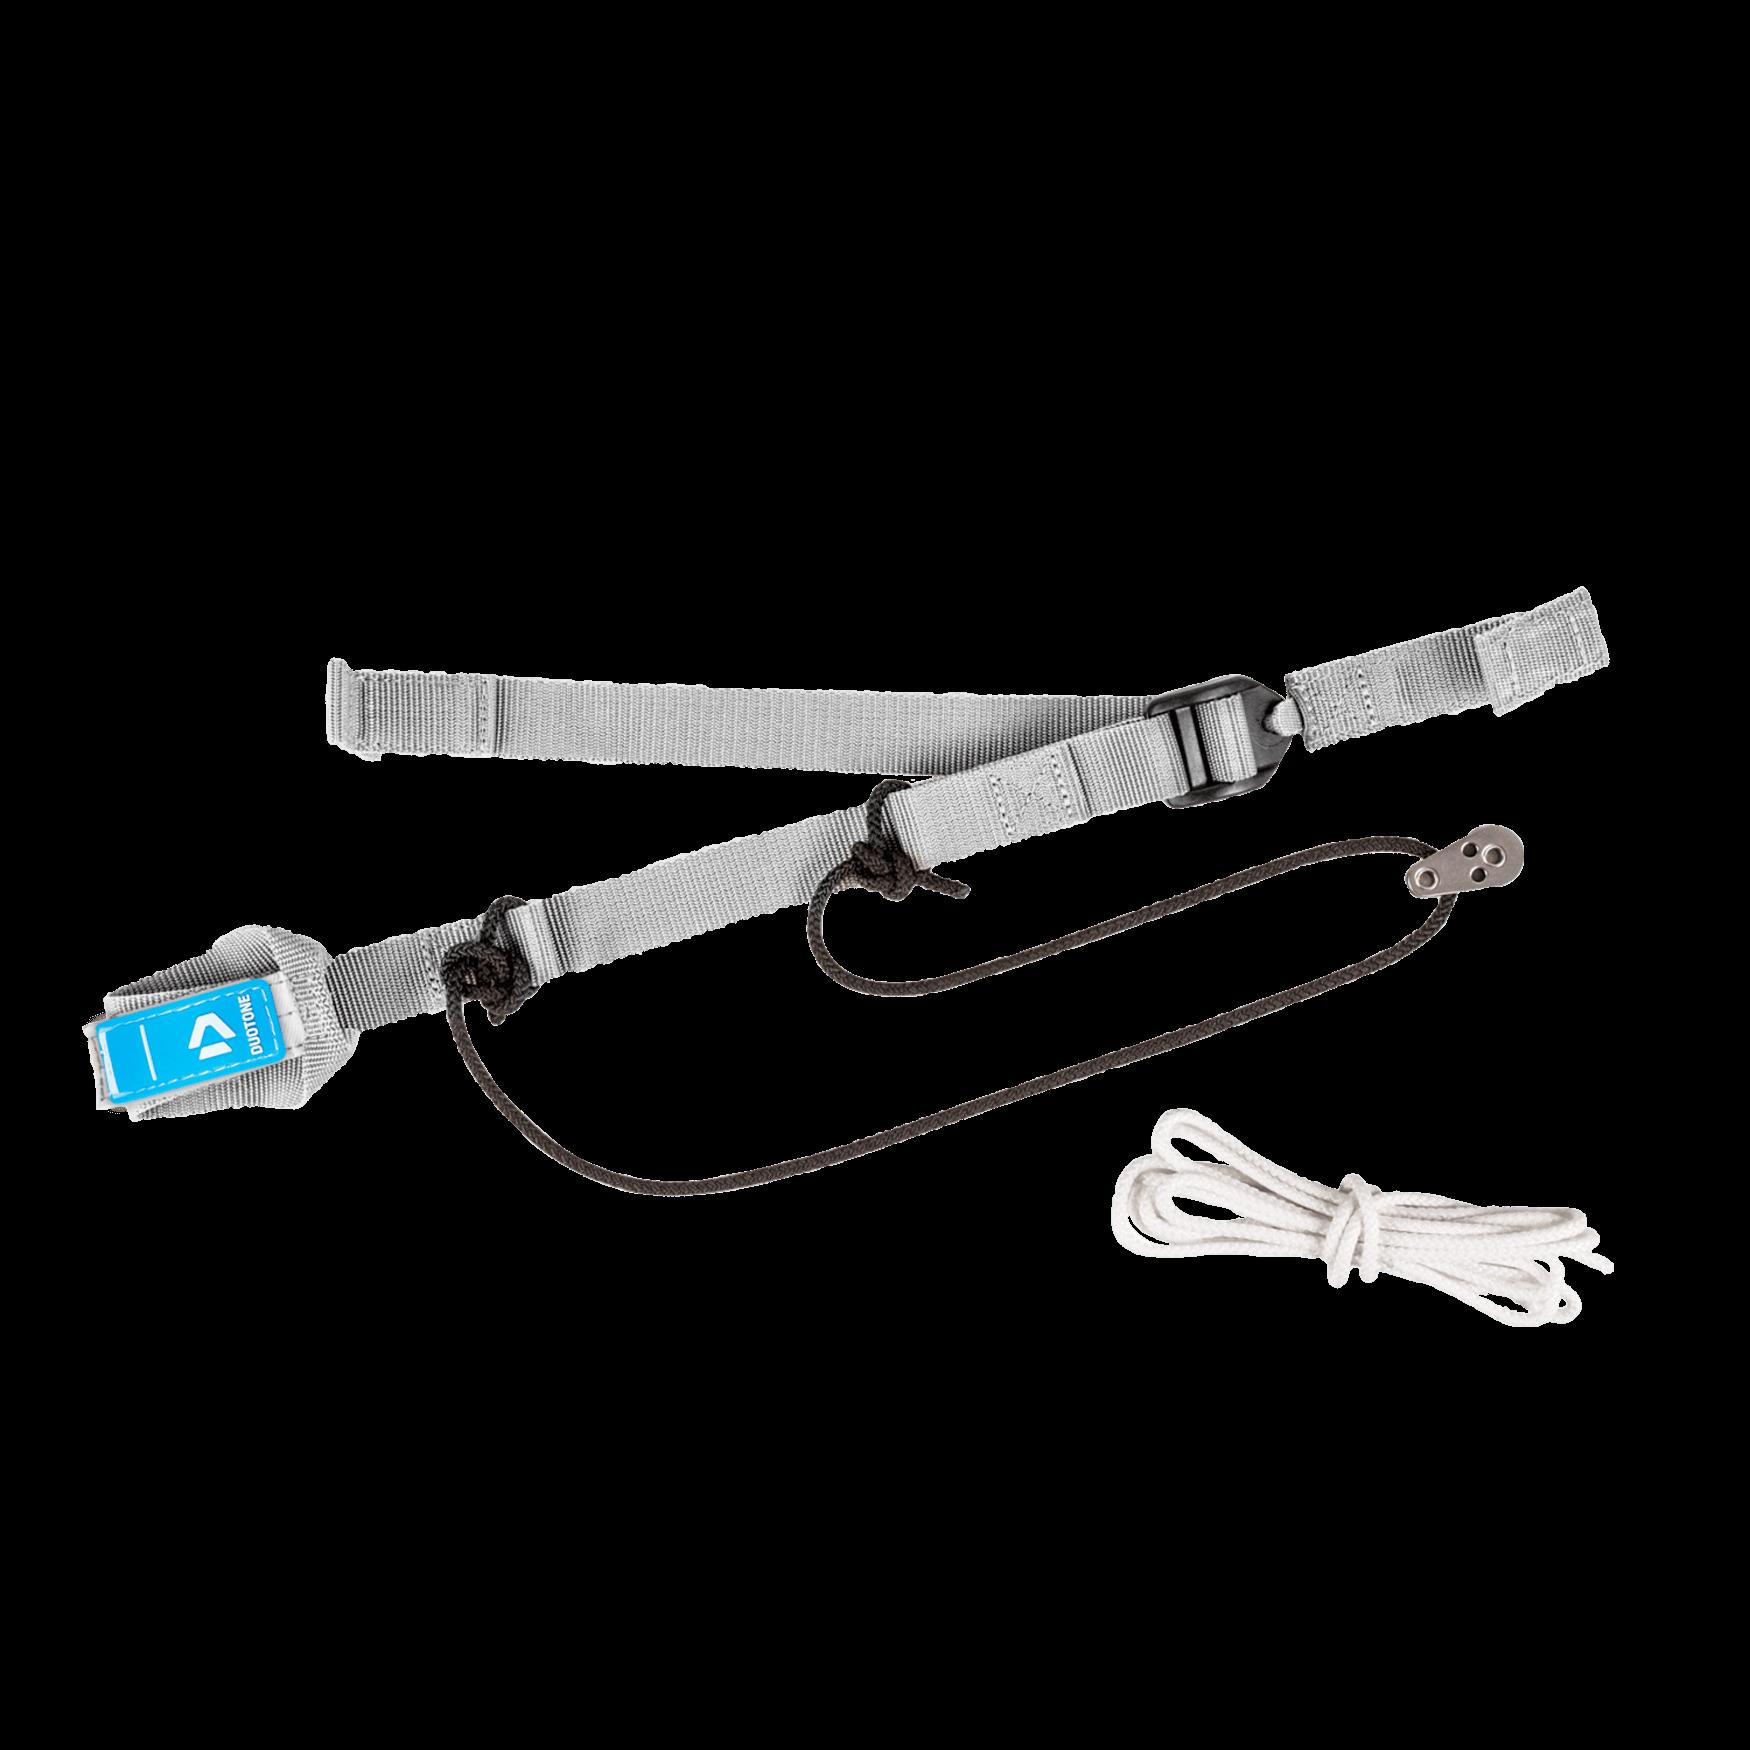 Outhaul Kit Universal